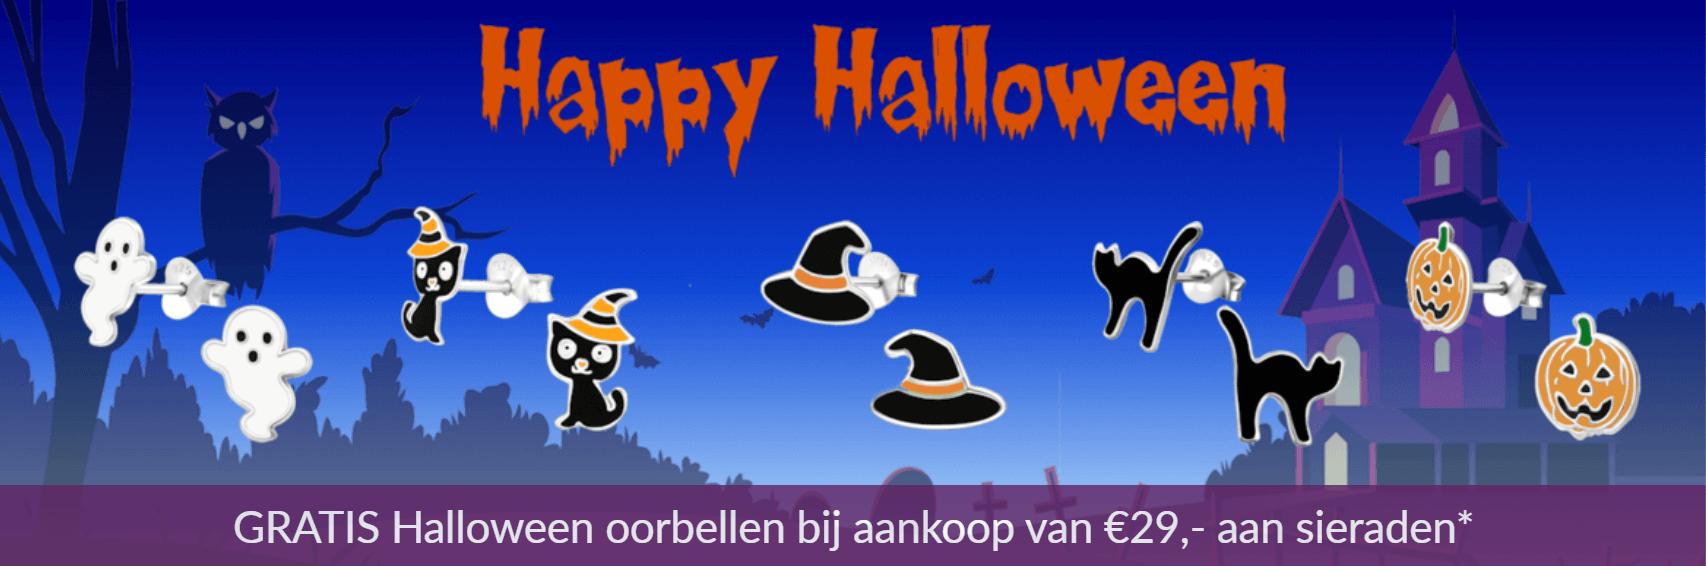 Halloween actie - gratis zilveren oorbellen